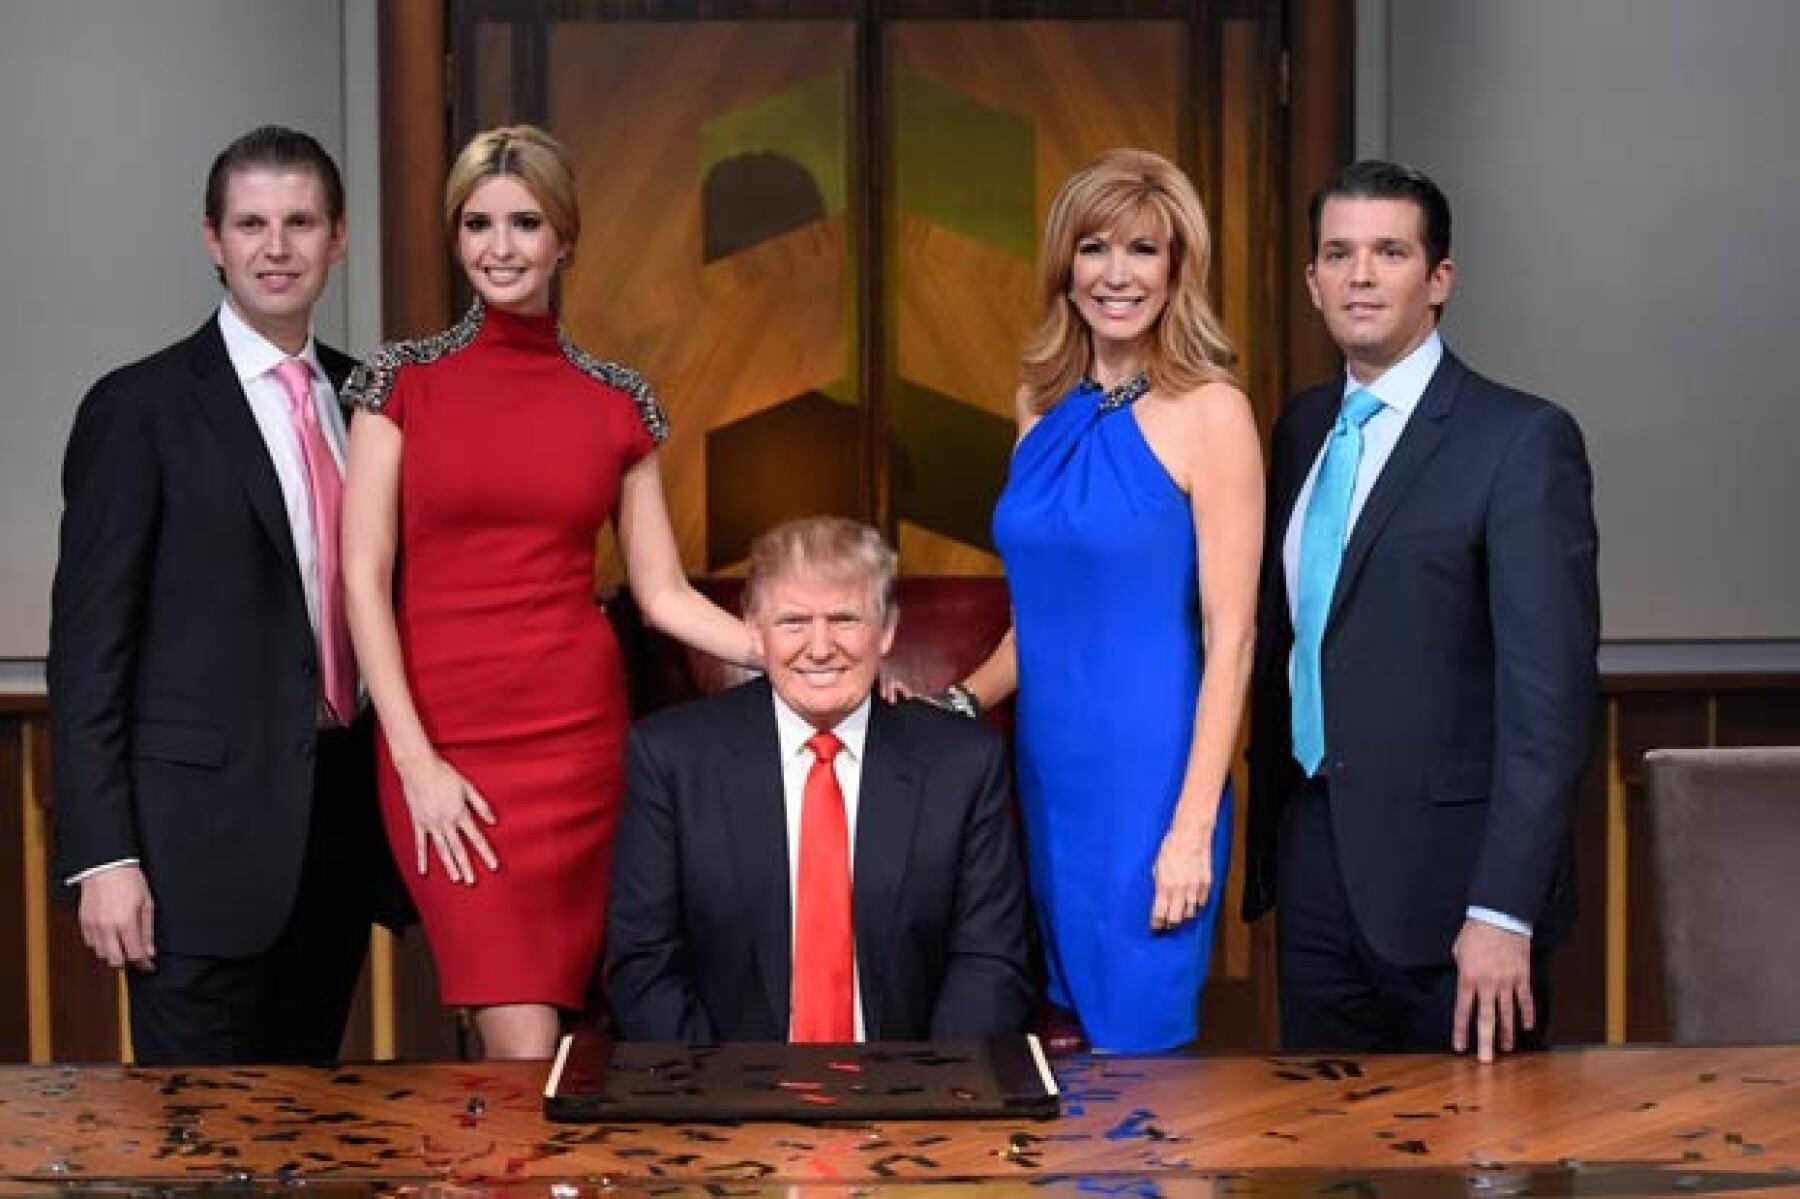 Los hijos de Donald Trump lo apoyan en todo momento incluso tras las declaraciones que realizó el empresario que le han cerrado varios negocios.